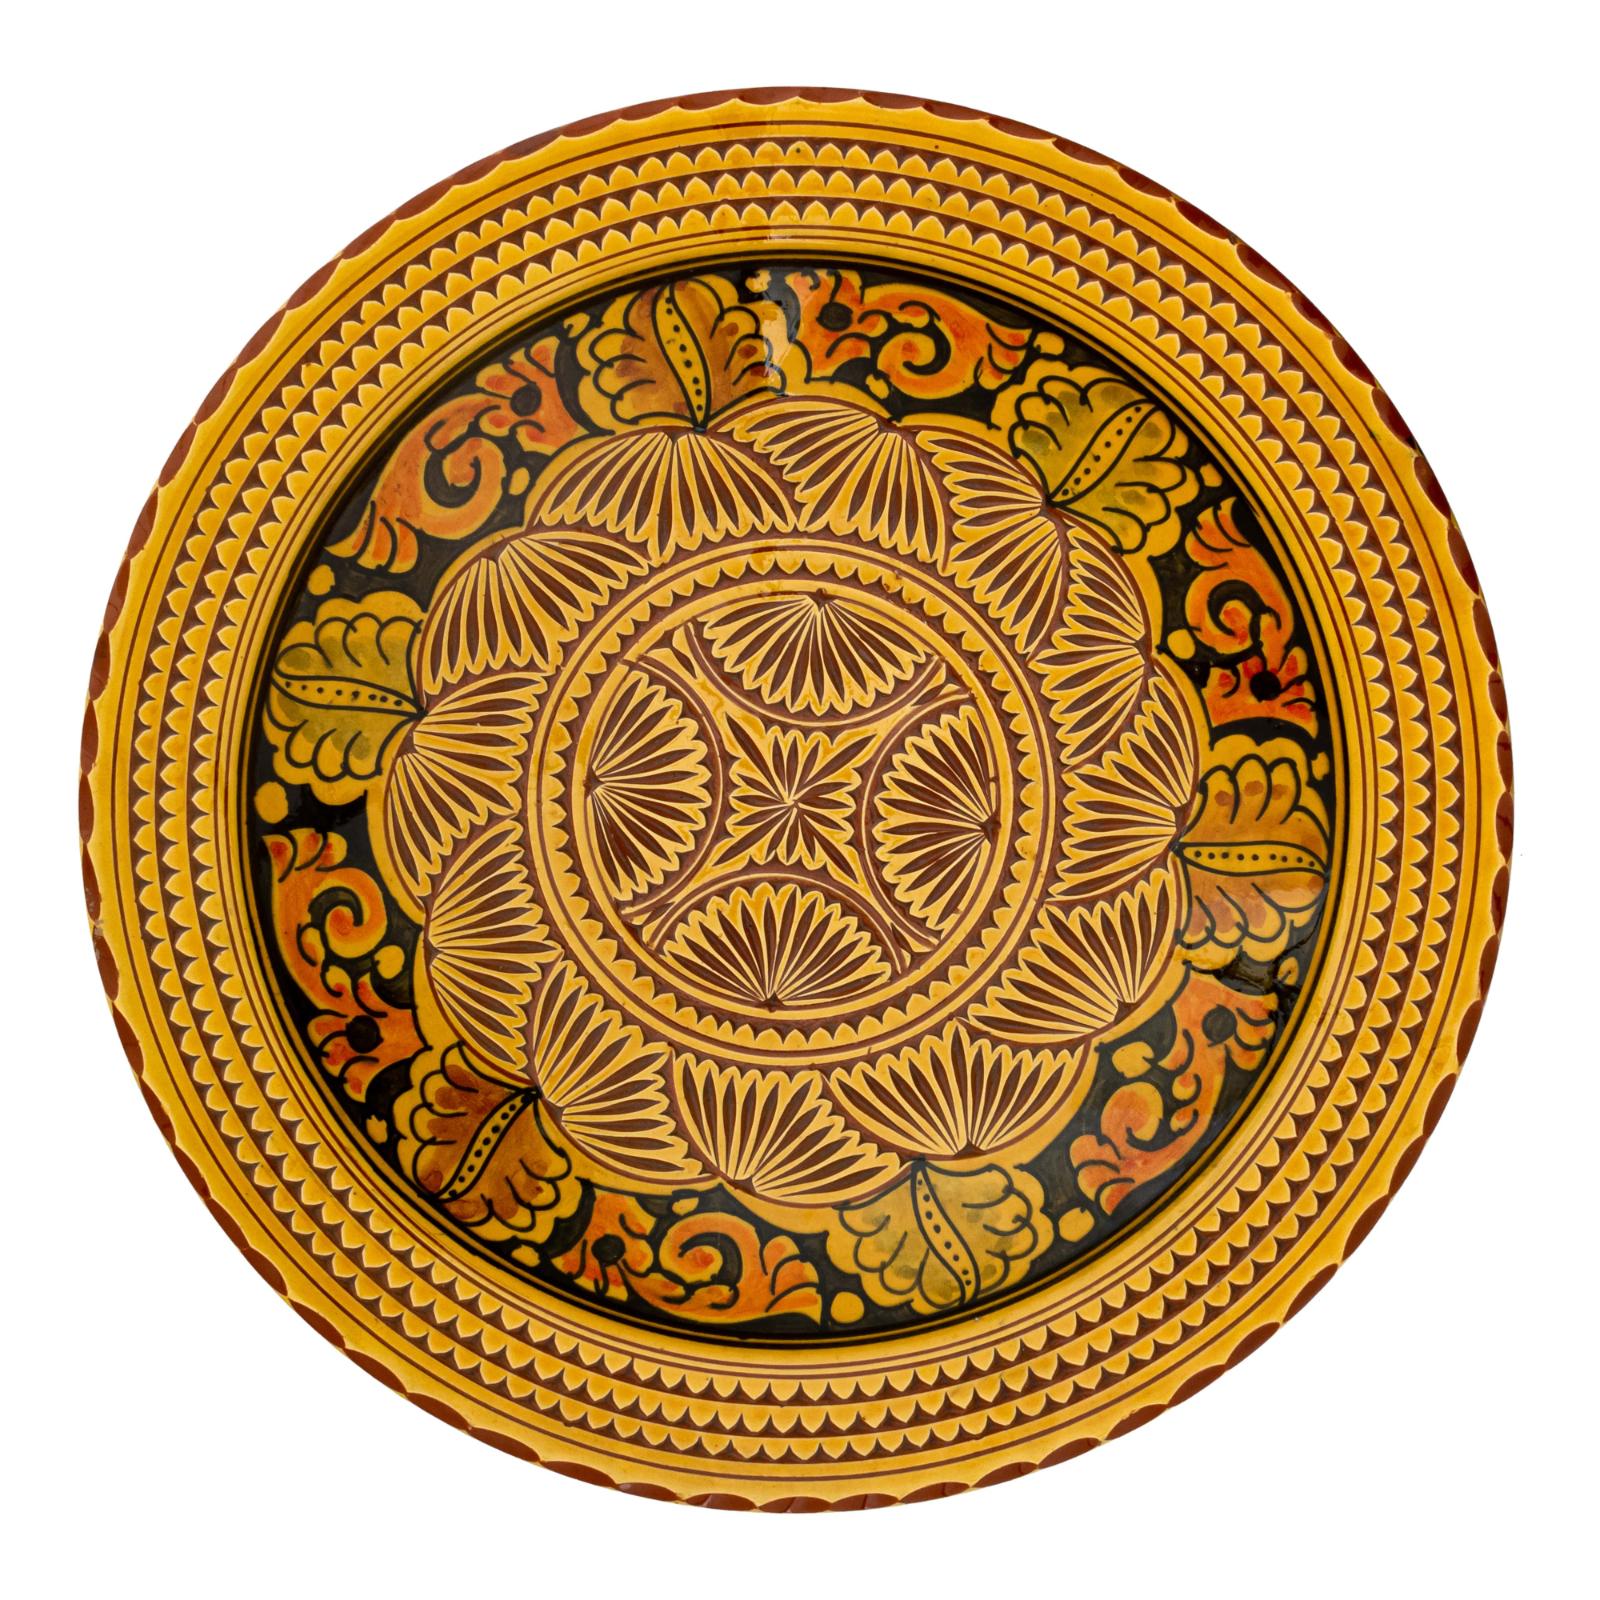 Plato de Marruecos tallado a mano